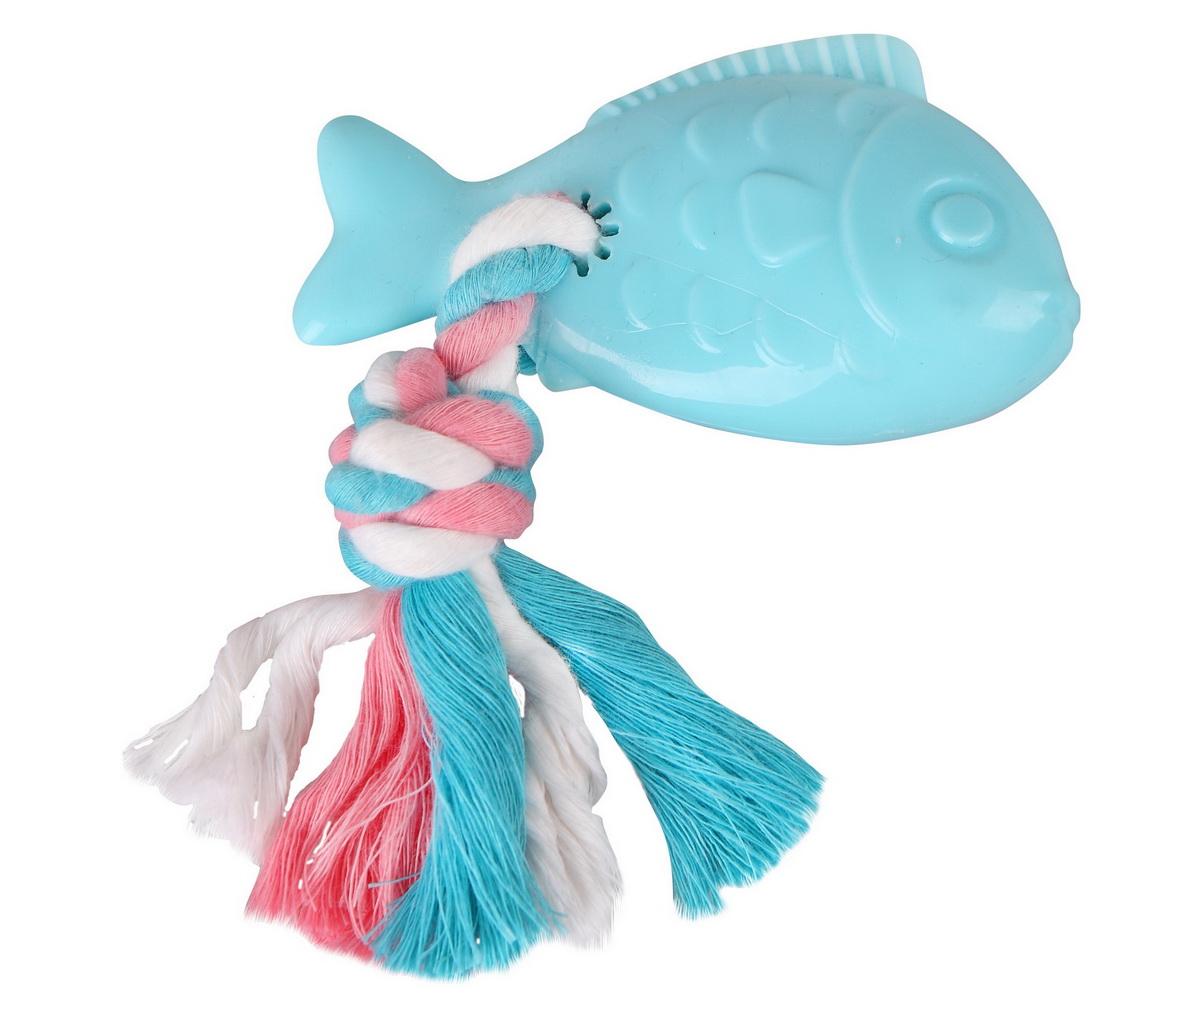 Игрушка для собак Dezzie Рыба с веревкой, 10 х 10 см5638201Игрушка для собак Dezzie Рыба с веревкой выполнена из резины в виде рыбы с текстильной веревкой. Резиновые игрушки для щенков и собак мелких пород - это отличный подарок активному питомцу, чьи хозяева заботятся о его здоровье и правильном развитии. Игрушки из мягкой резины из безопасного и прочного материала созданы специально с учетом анатомических особенностей мелких собак, поэтому их легко и приятно будет грызть маленькой пасти животного. Эластичность мягкой резины и специальные выступы на поверхности игрушек не травмируют челюсть животного и способствуют тренировке жевательных мышц, очищению зубов и массажу десен собаки. Увлекательная структура игрушек позволит вашему питомцу надолго занять свой досуг.Размер игрушки: 10 х 10 см.